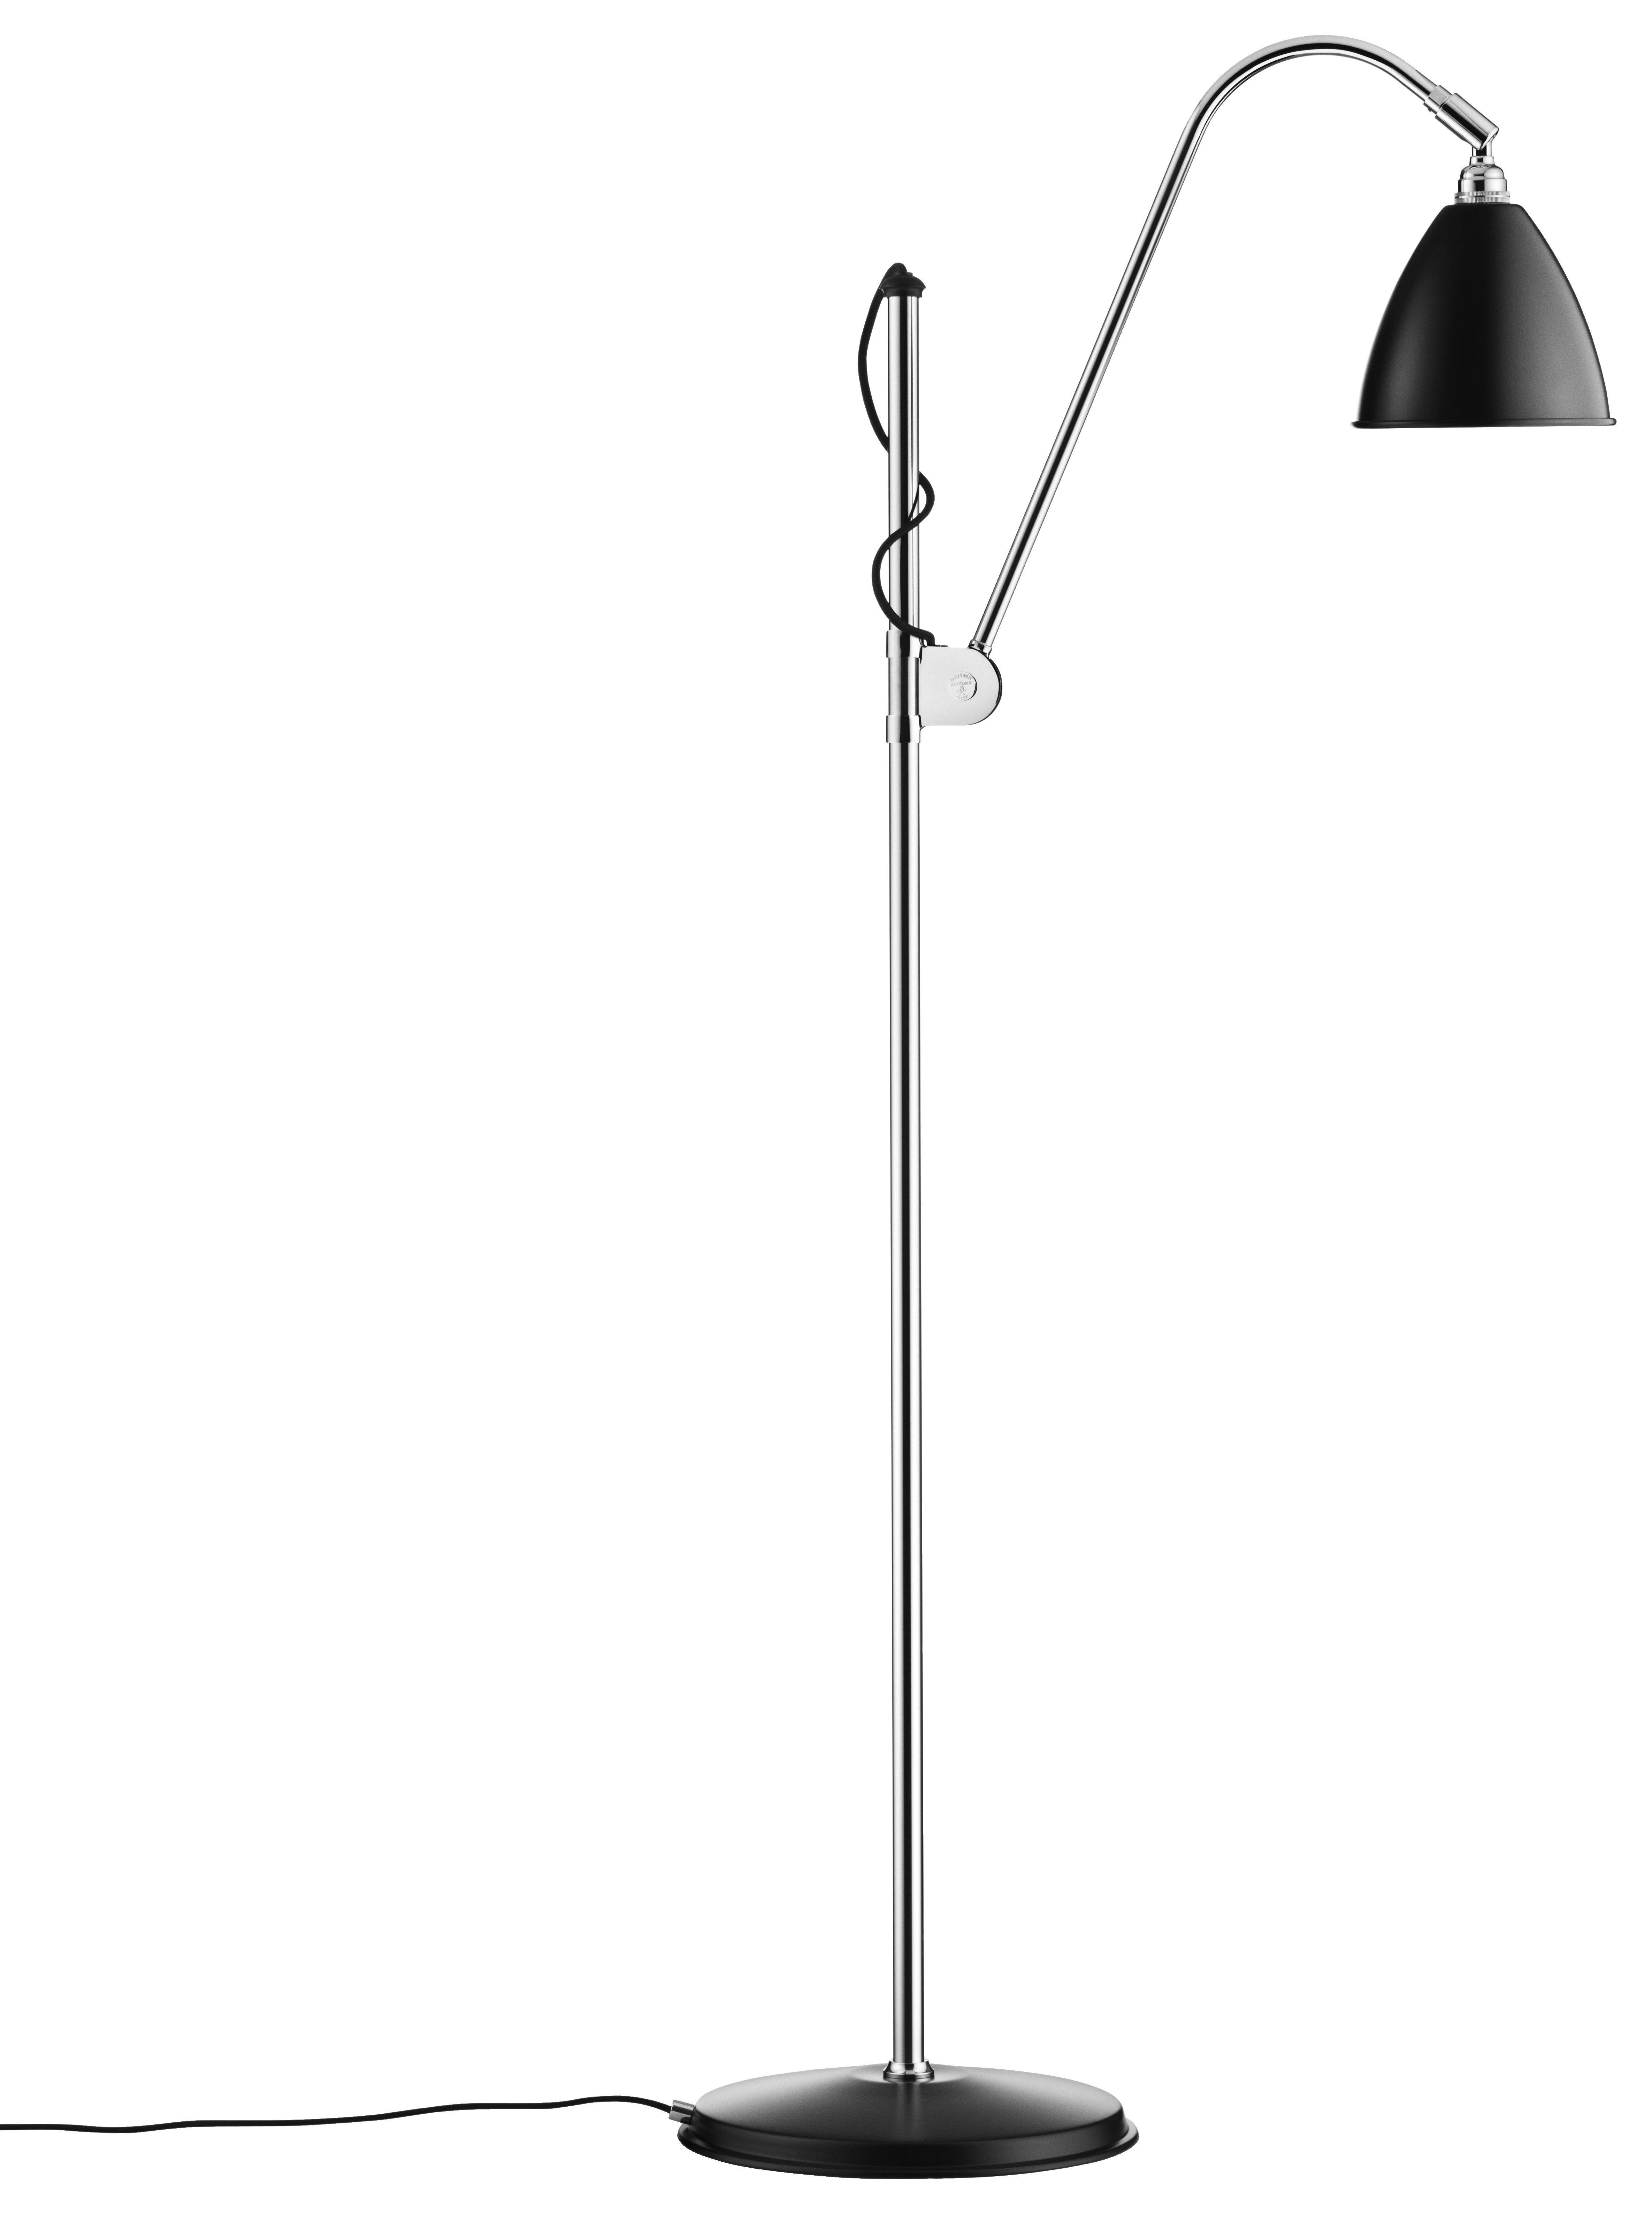 Lighting - Floor lamps - Bestlite BL3 Floor lamp - Reissue 1930 by Gubi - Black - Chromed metal